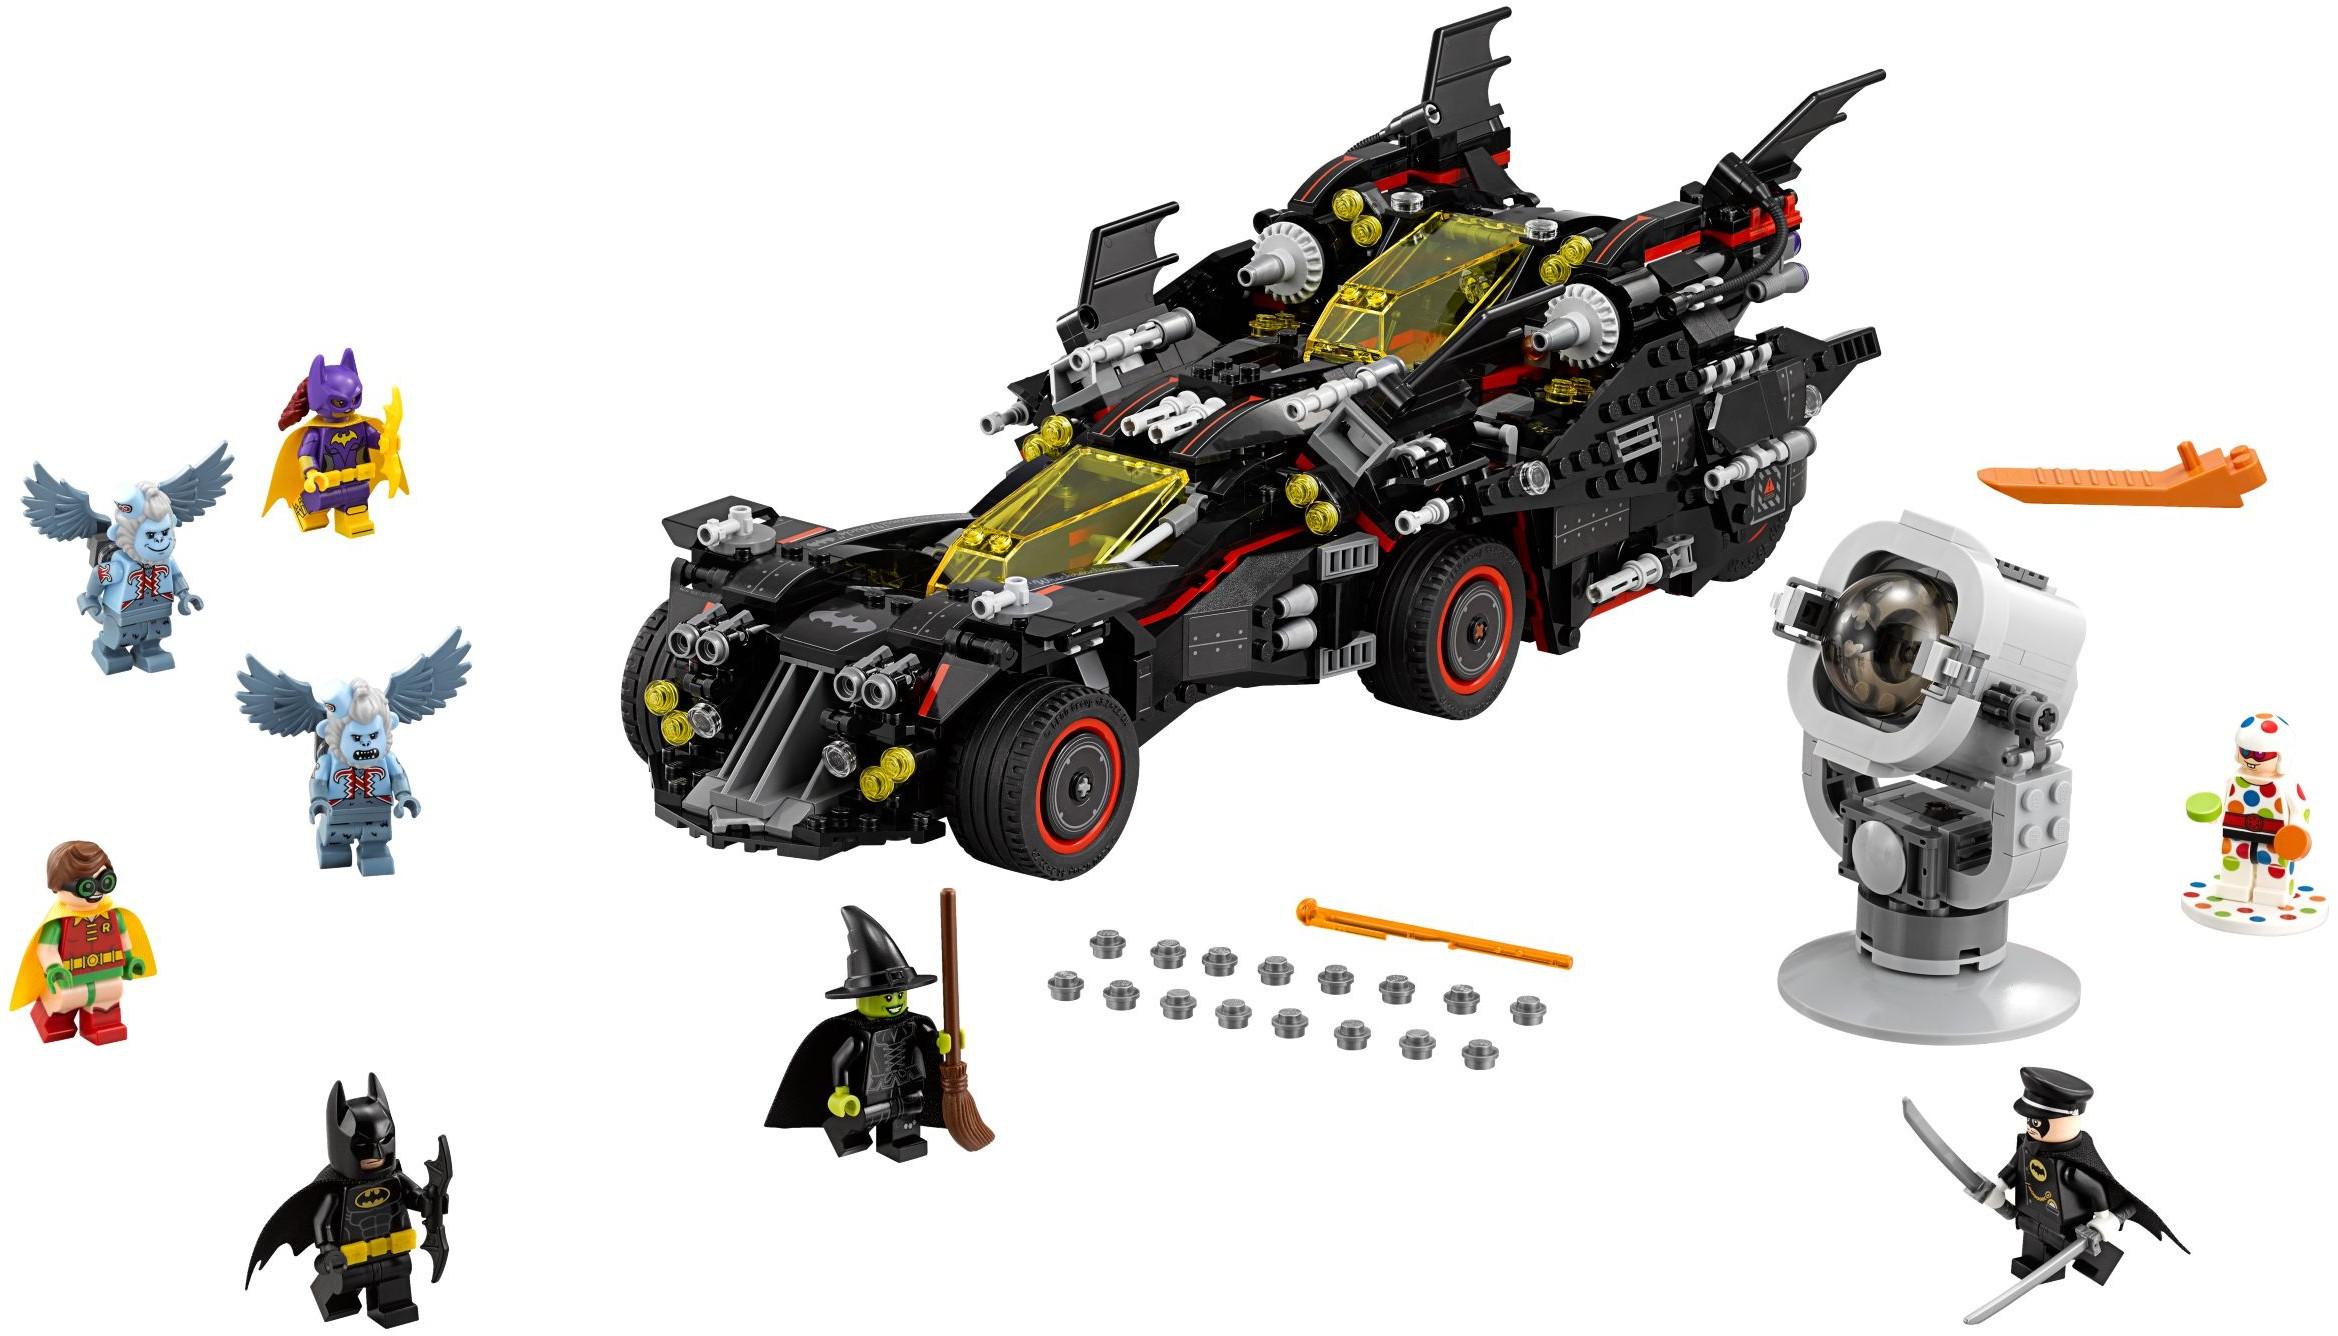 The Ultimate Batmobile Revealed Brickset LEGO Set Guide - Brand new batmobile revealed awesome